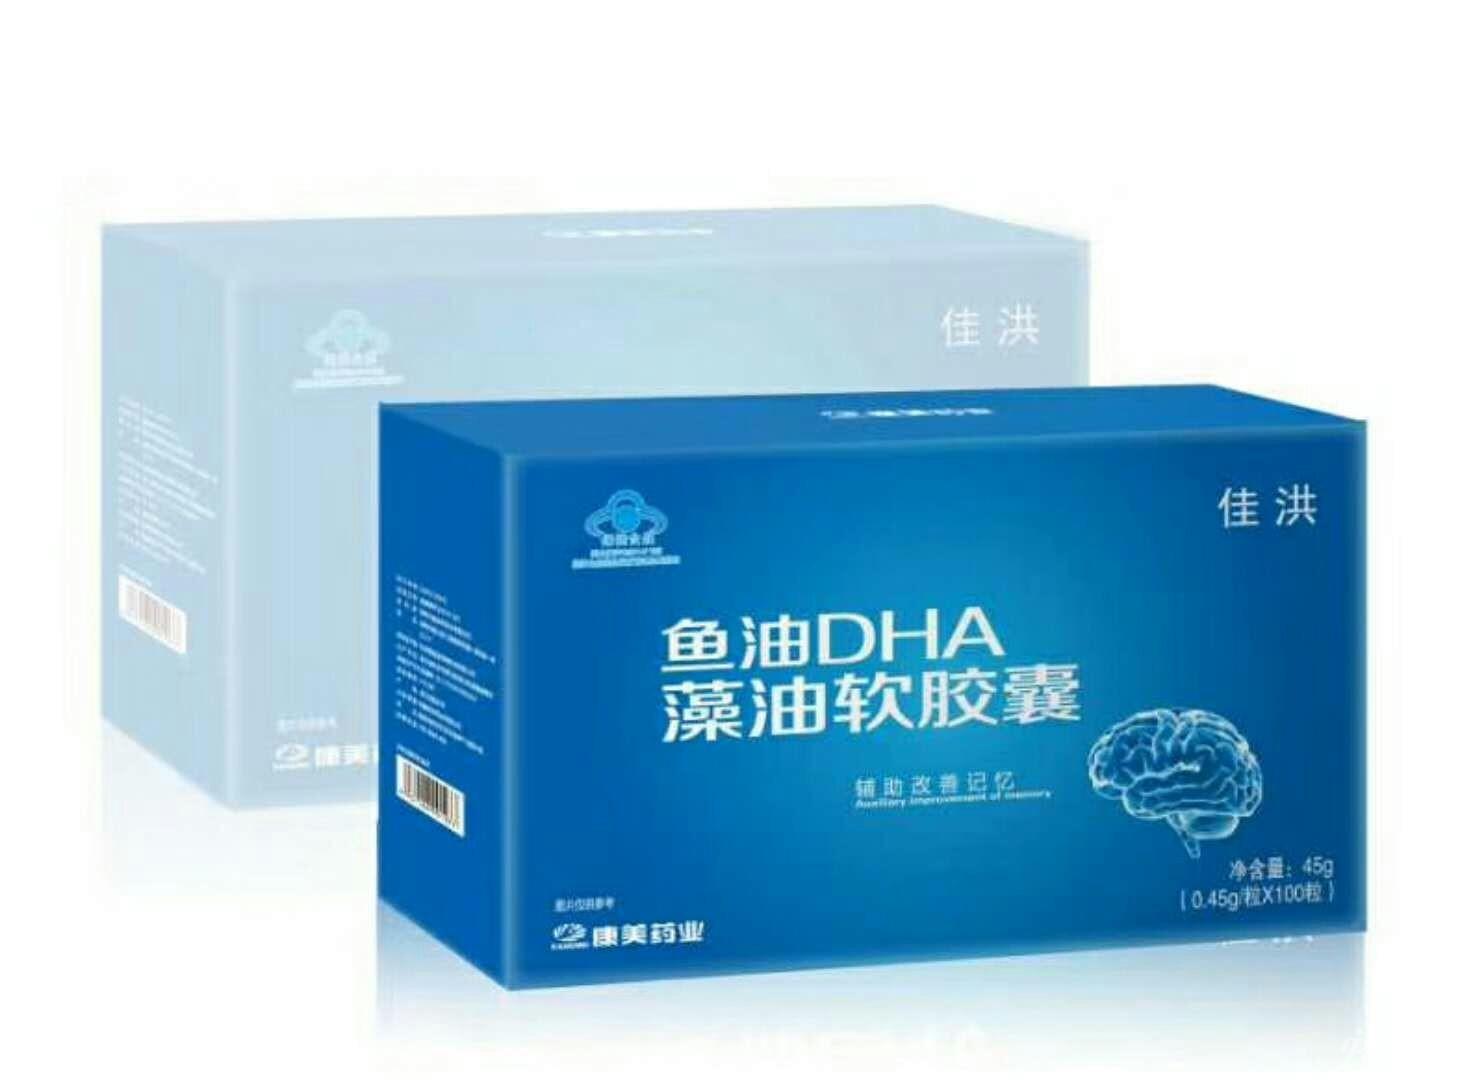 鱼油DHA 藻油软胶囊招商